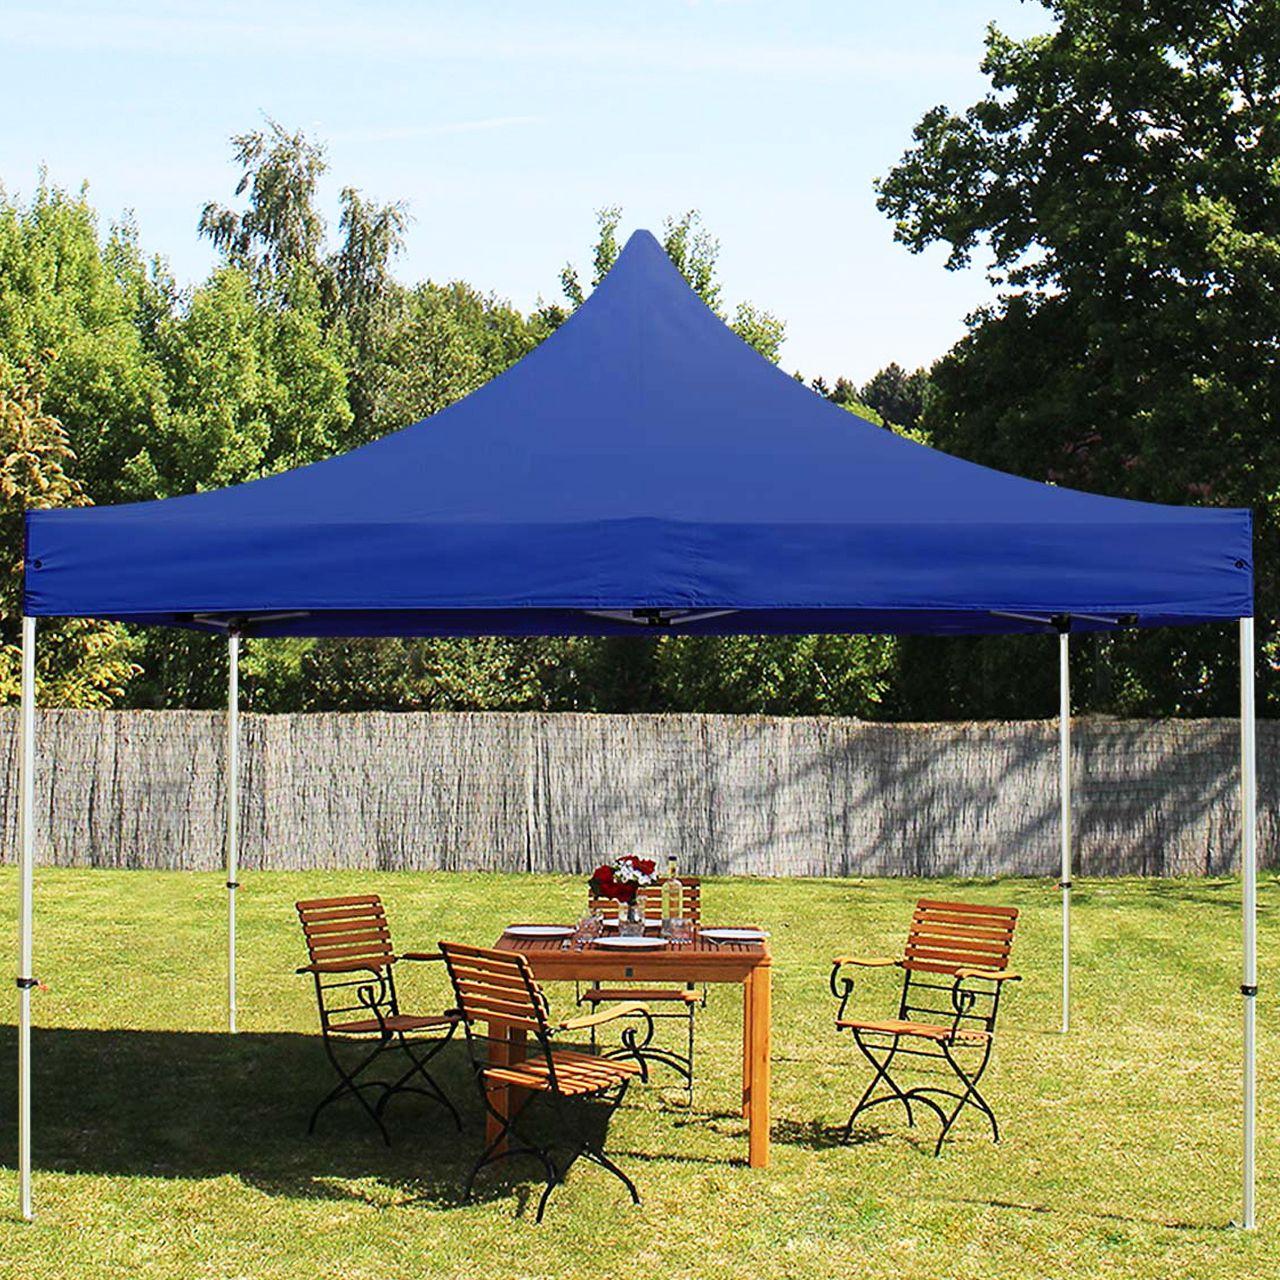 Tente Pliante 4X4M Pes 400 G/m² Bleu Imperméable Barnum Pliant, Tonnelle  Pliante, Tente De Jardin pour Tente De Jardin Pliante